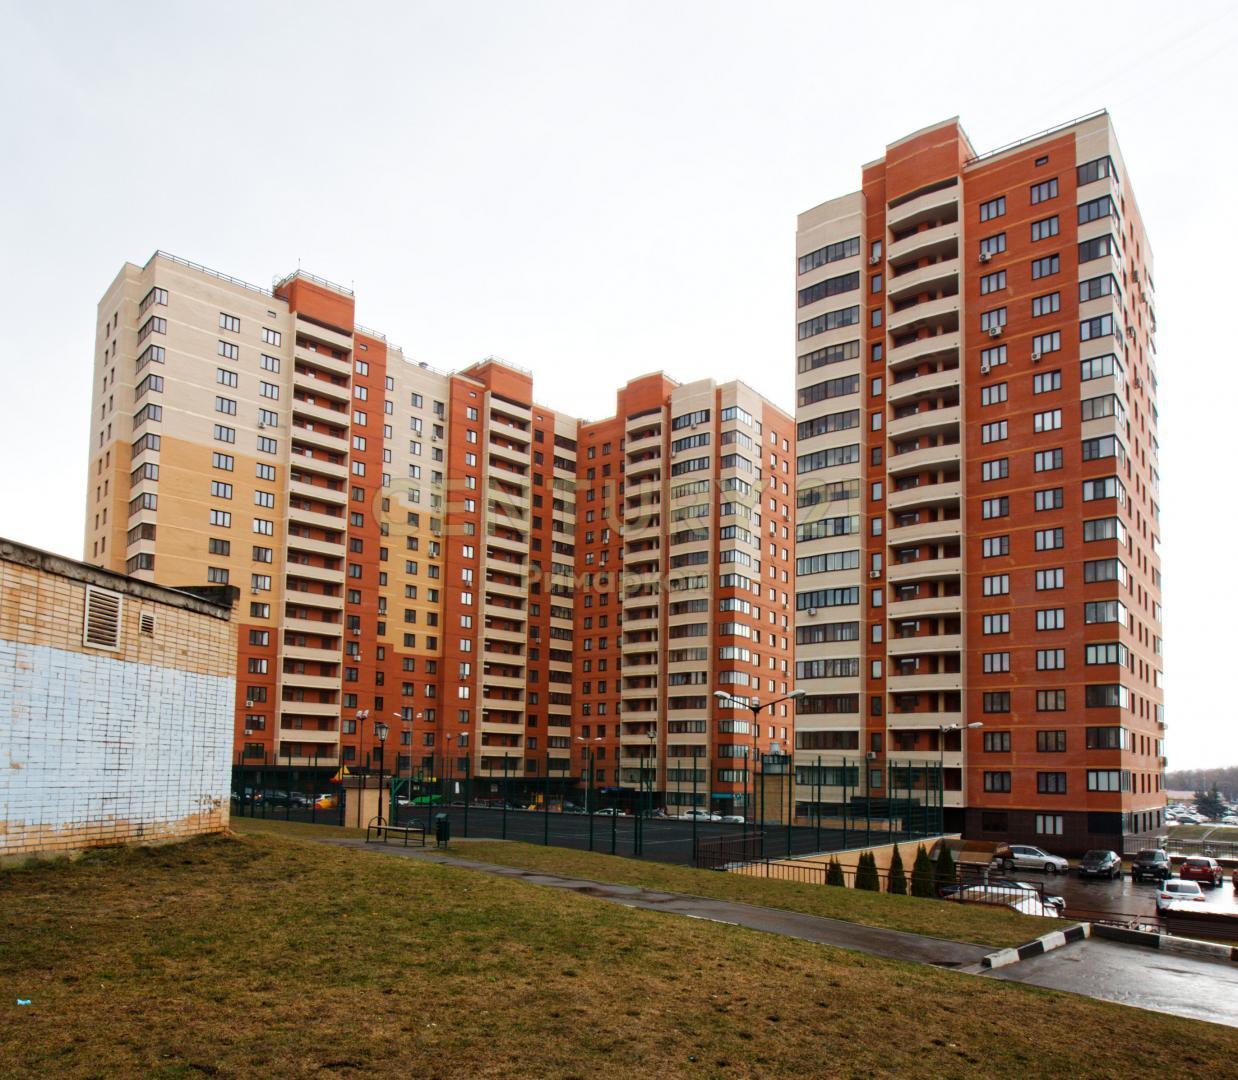 принимай чехов город фото московская область отзывы кровля особый